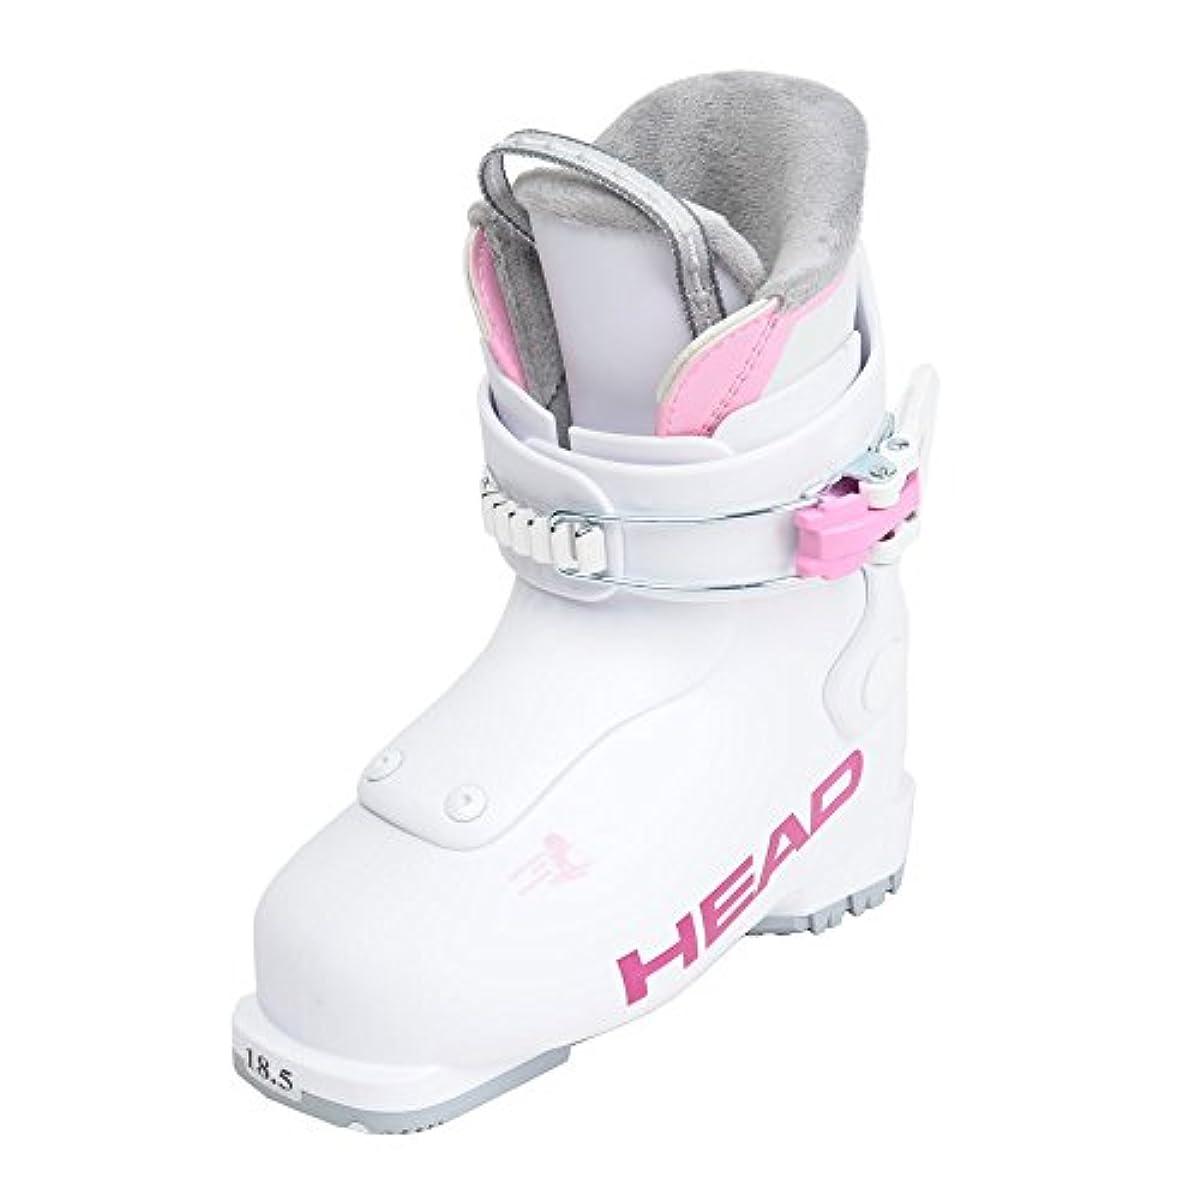 [해외] HEAD헤드【606556】16-17 쥬니어 스키화 Z1 보이의 걸즈